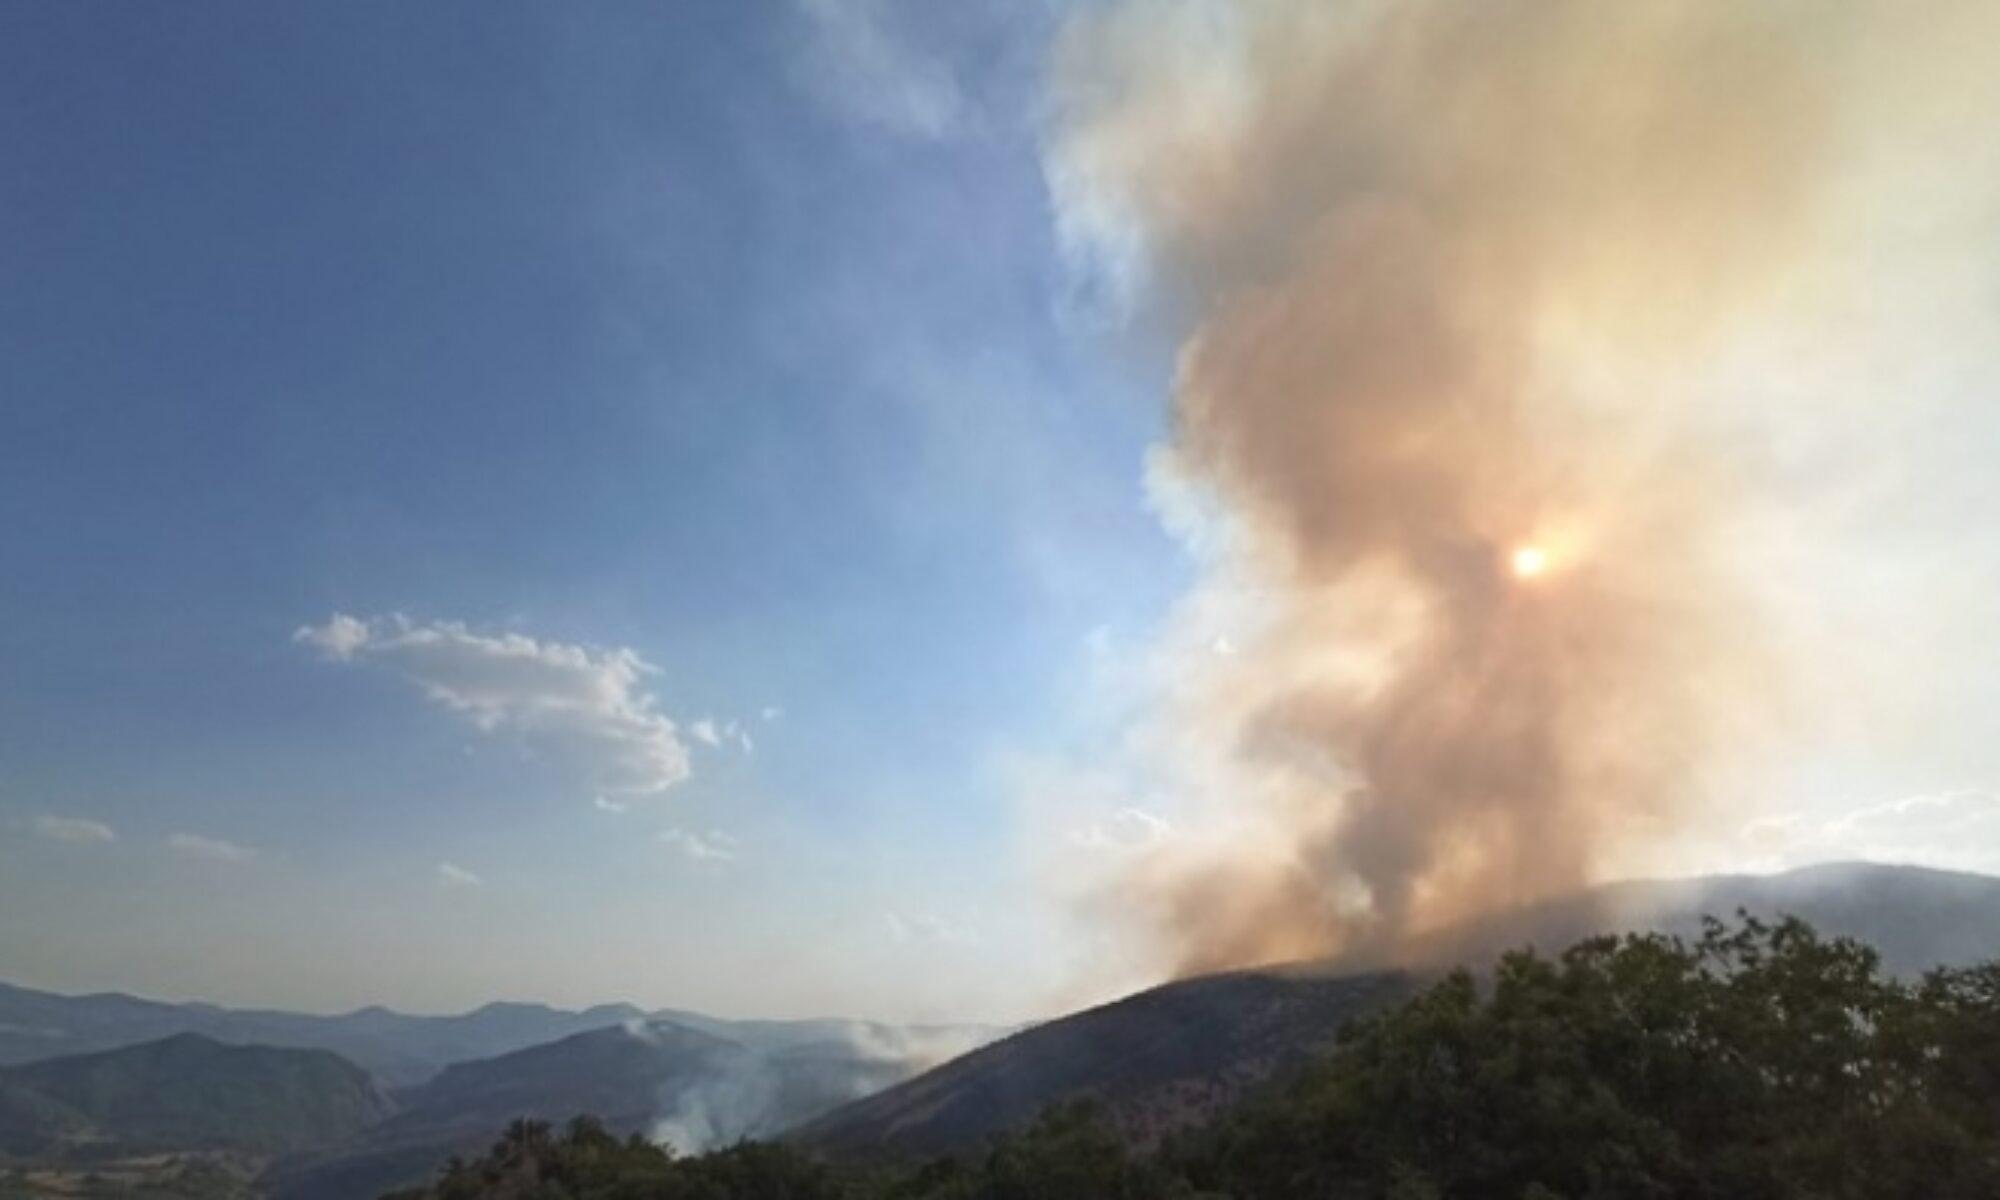 PAK: Kürdistan ve Türkiye kamuoyunu Dersim'deki orman yangını için harekete geçmeye çağırıyoruz